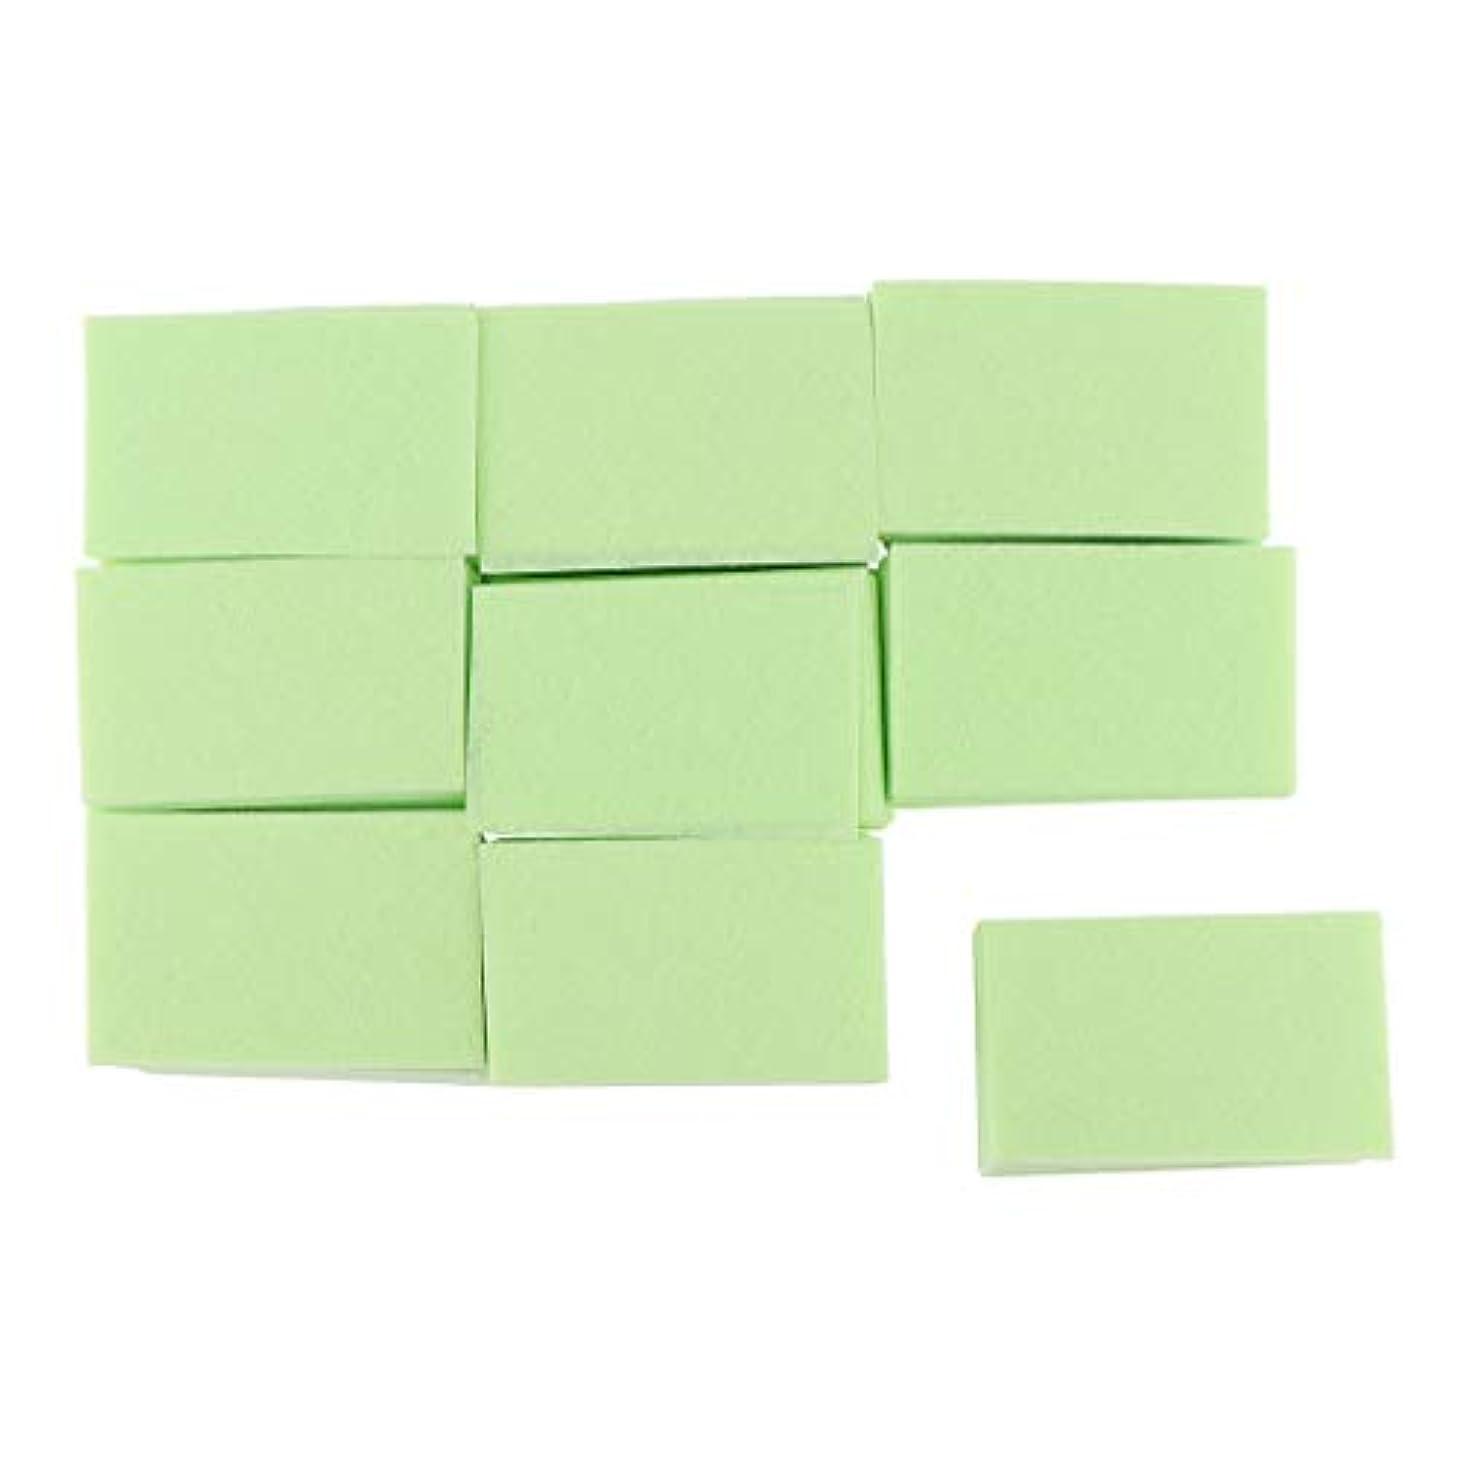 却下する真実にメイエラF Fityle 約700枚 ネイルポリッシュリムーバー コットンパッド マニキュア 2色選べ - 緑